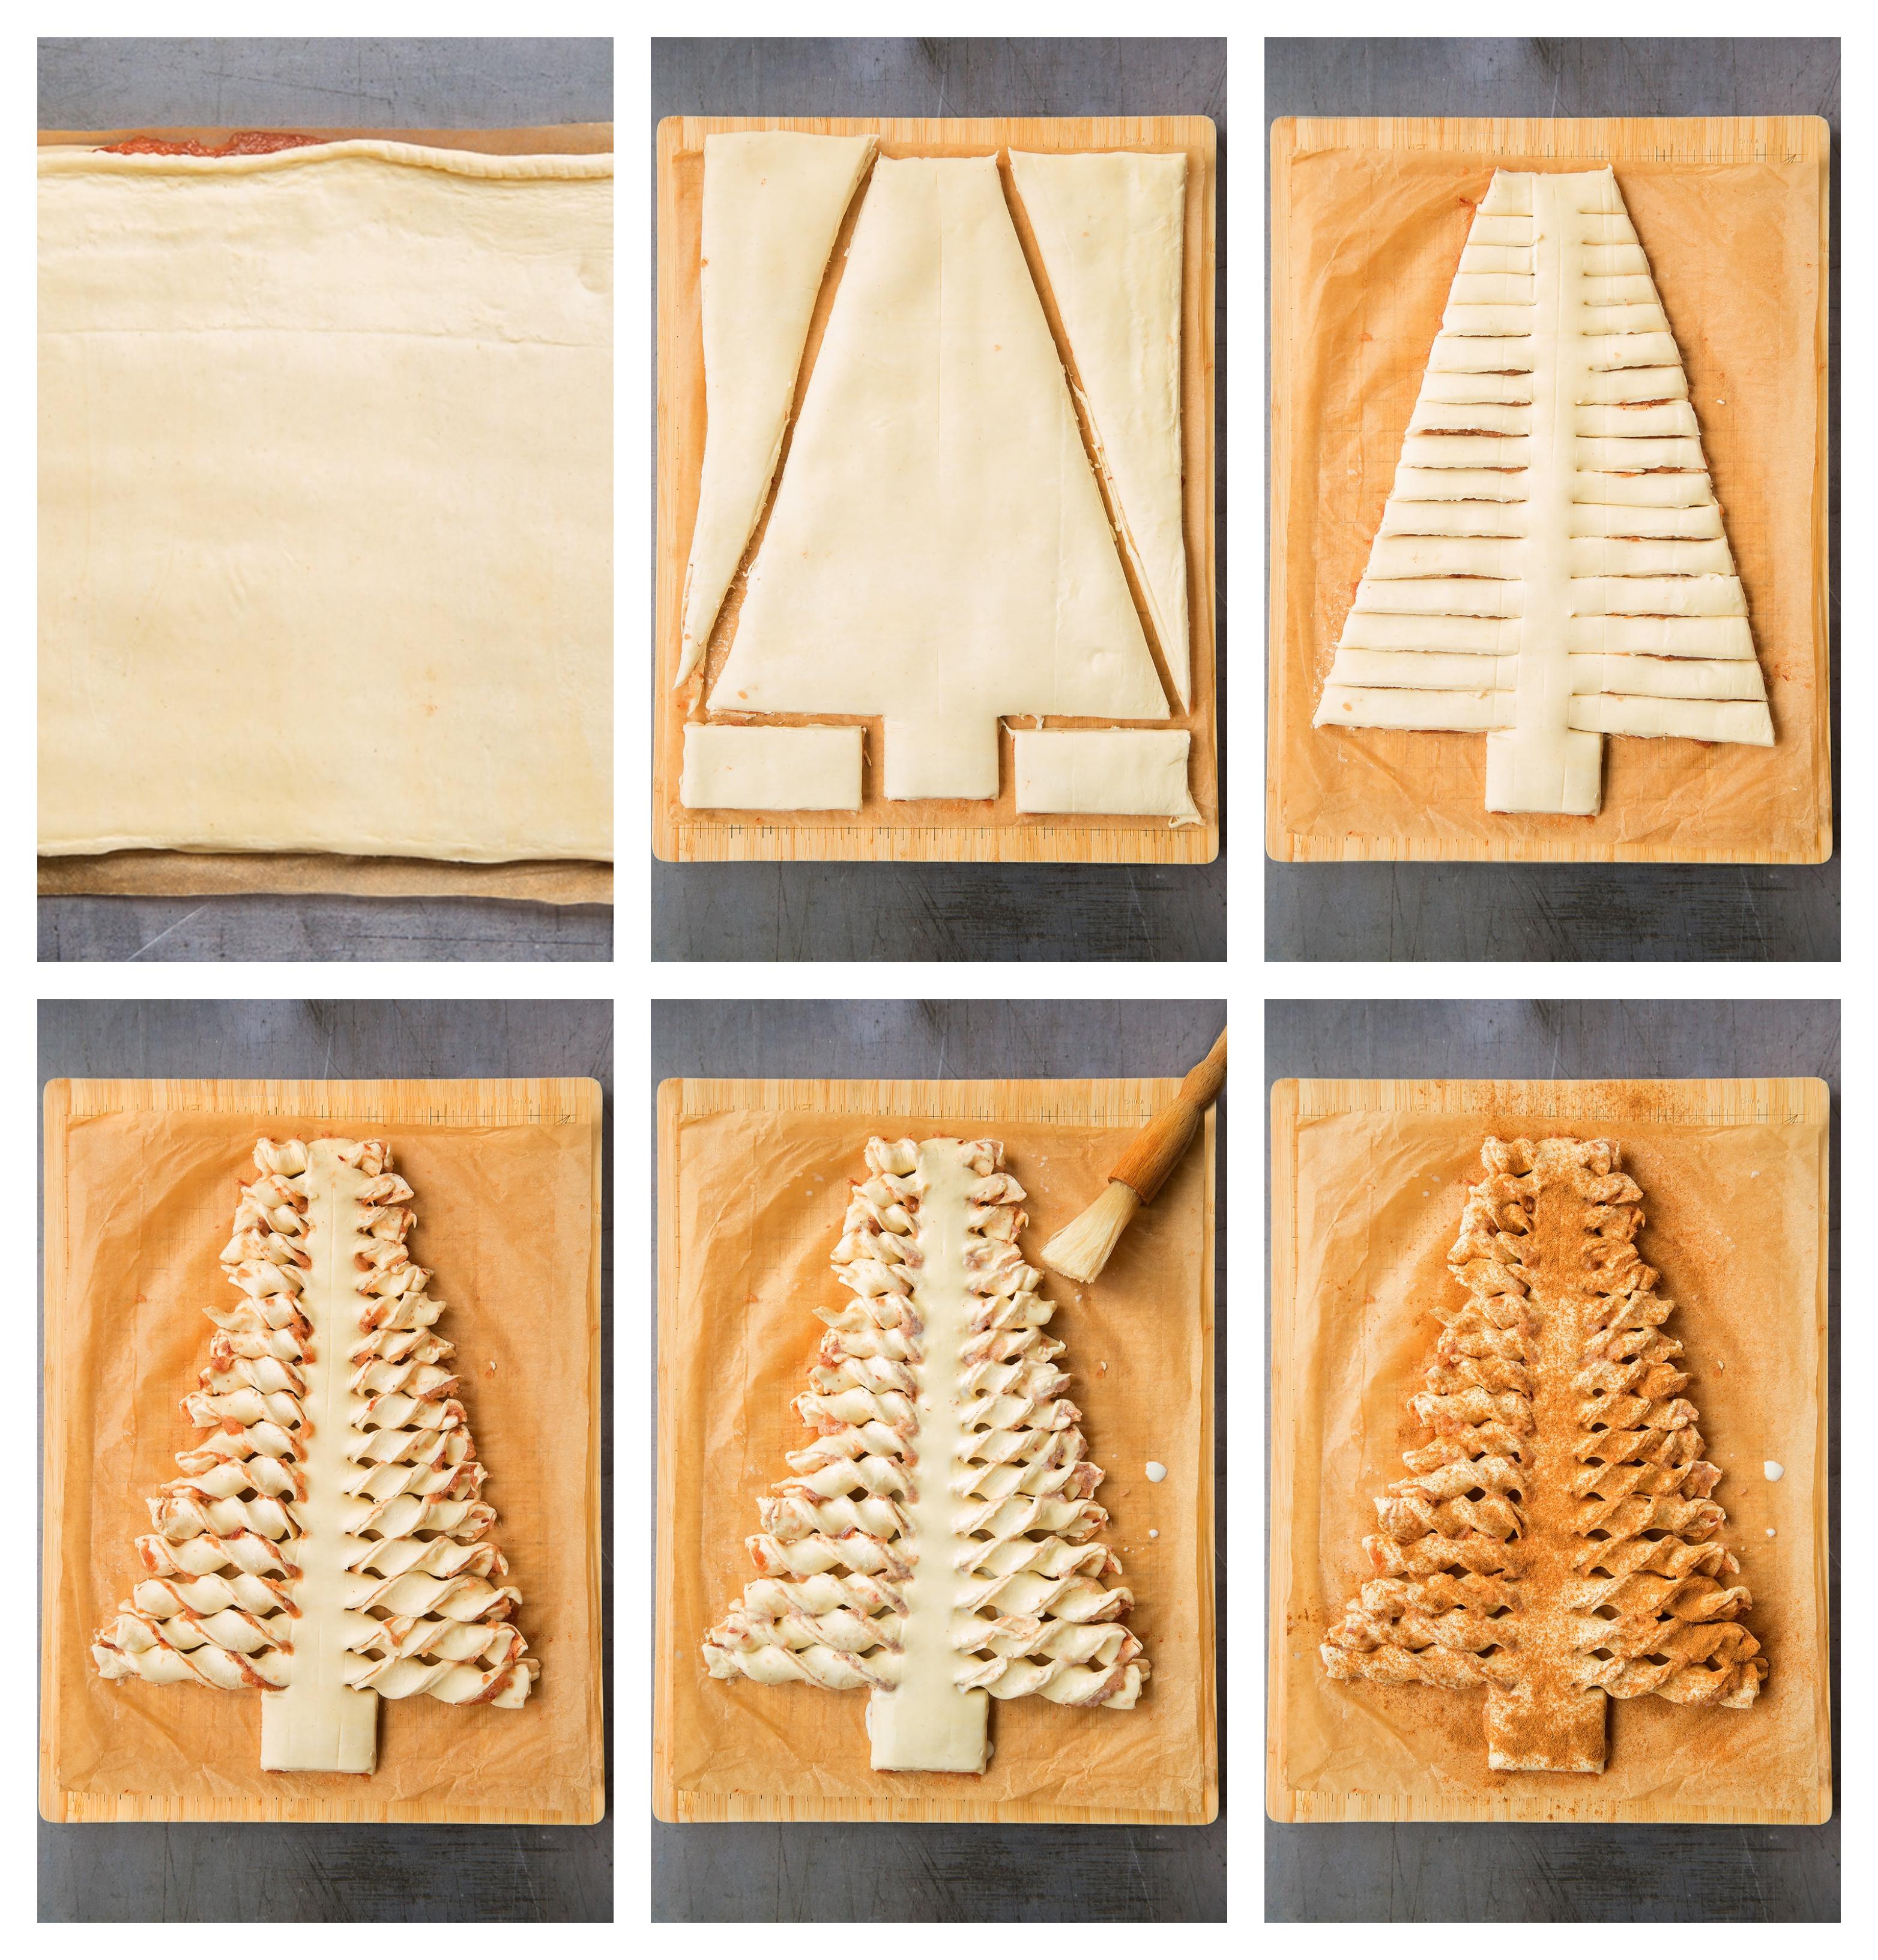 como hacer una empanada dulce con manzanas y canela paso a paso, árbol de navidad de hojaldre receta en fotos